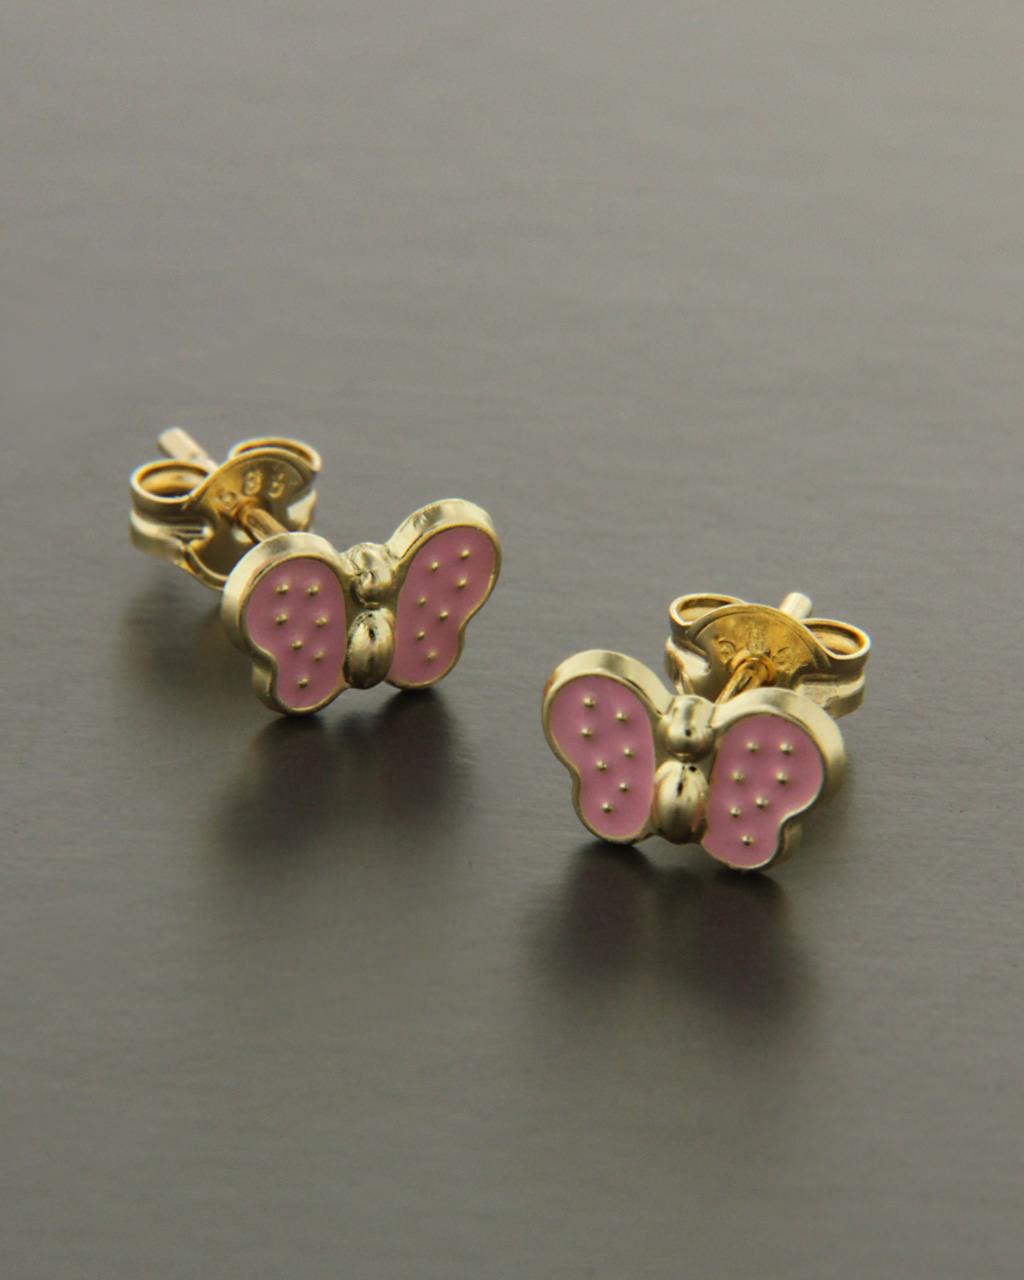 Σκουλαρίκια παιδικά πεταλούδες χρυσά Κ9 με Σμάλτο   παιδι σκουλαρίκια παιδικά